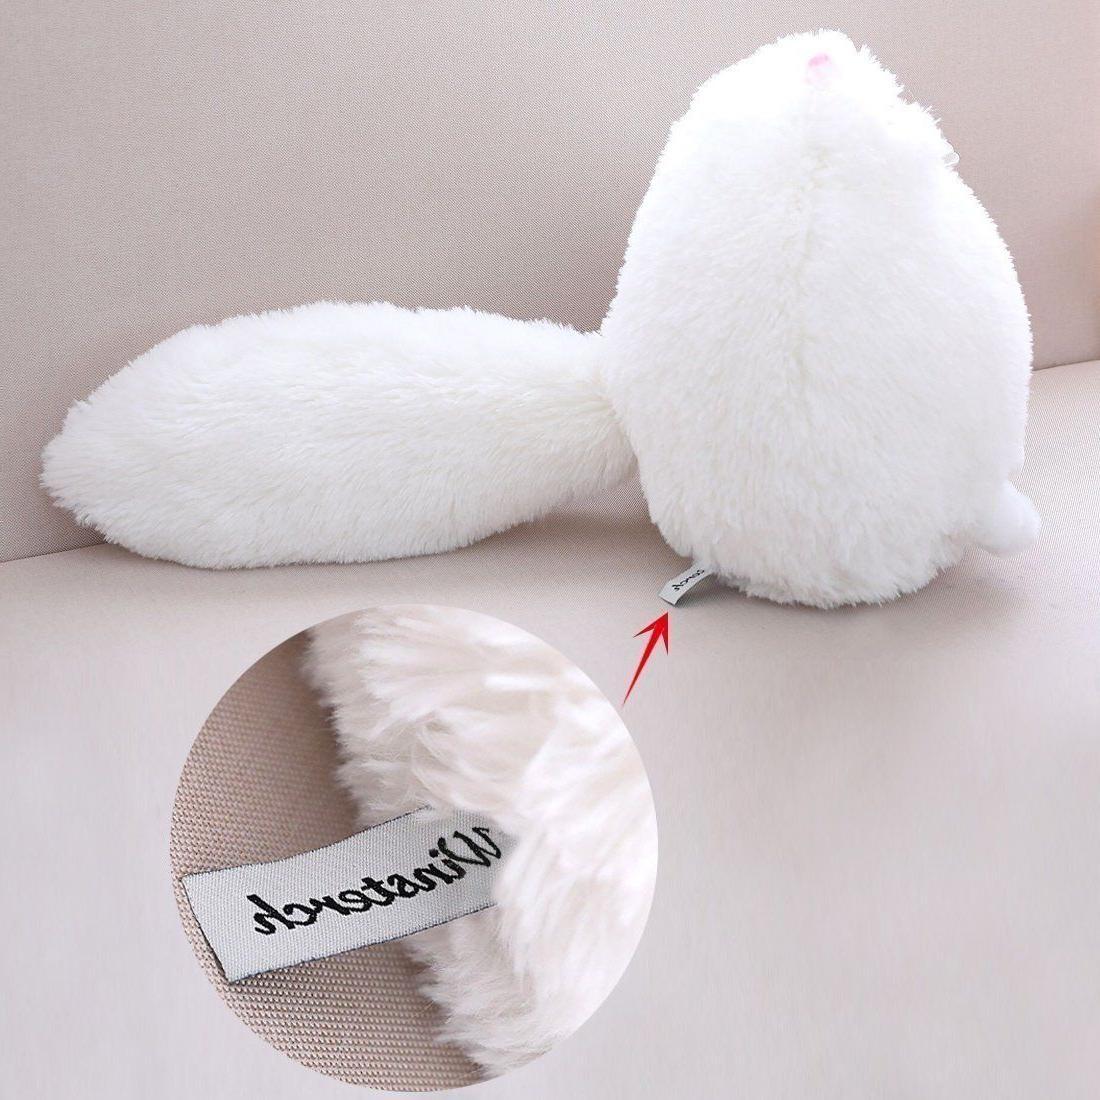 Winsterch Stuffed Cats Plush Animal Doll,White Plush,11.8''